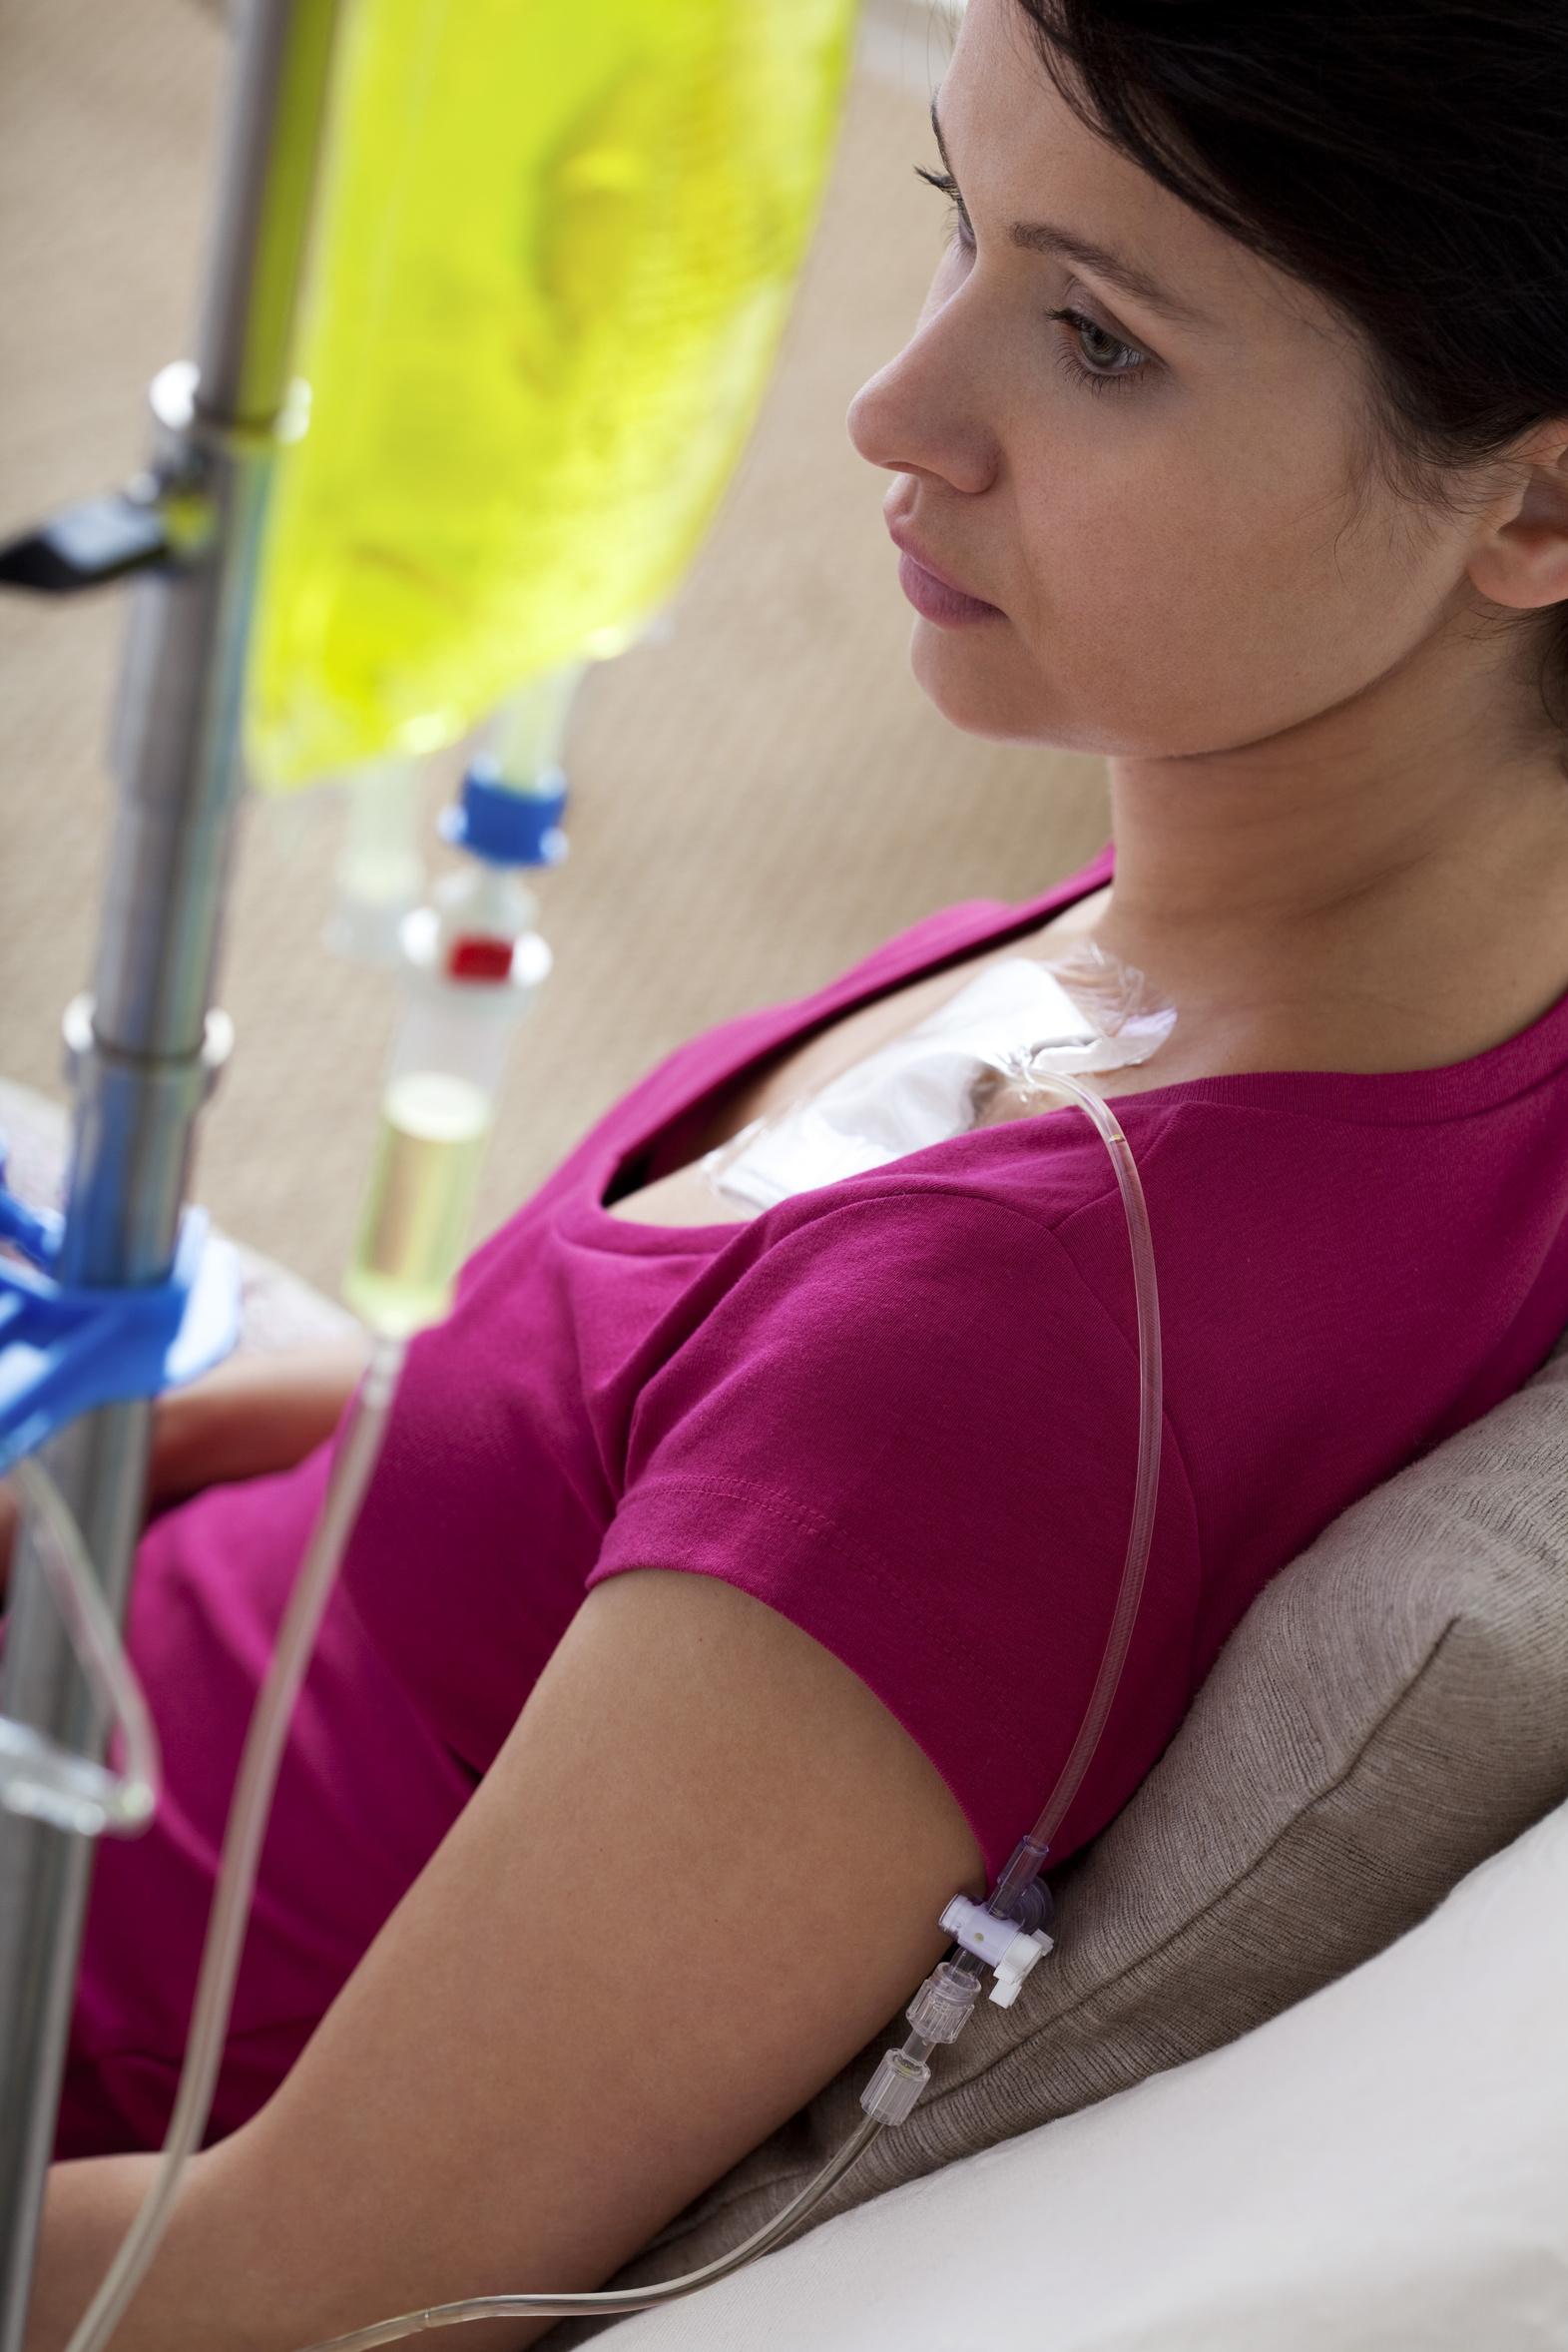 - Il existe différents traitements du cancer utilisés seuls ou associés entre eux :Chirurgie,Radiothérapie,Chimiothérapie,Hormonothérapie,Immunothérapie…Les effets secondaires de ces traitements restent toutefois lourds. Pour beaucoup de cancers, plus le diagnostic est fait tôt, moins les traitements sont lourds et meilleures sont les chances de guérison.